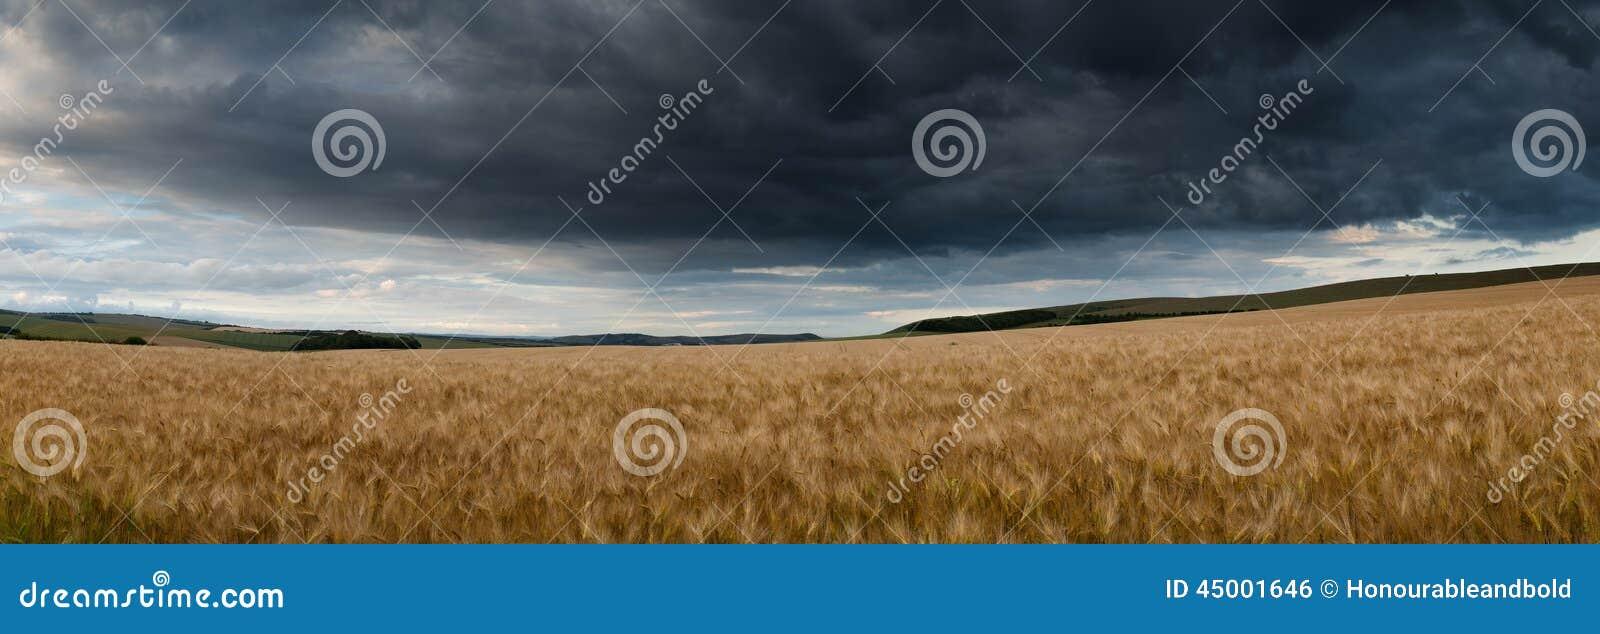 Oszałamiająco wsi panoramy krajobrazu pszeniczny pole w lecie su